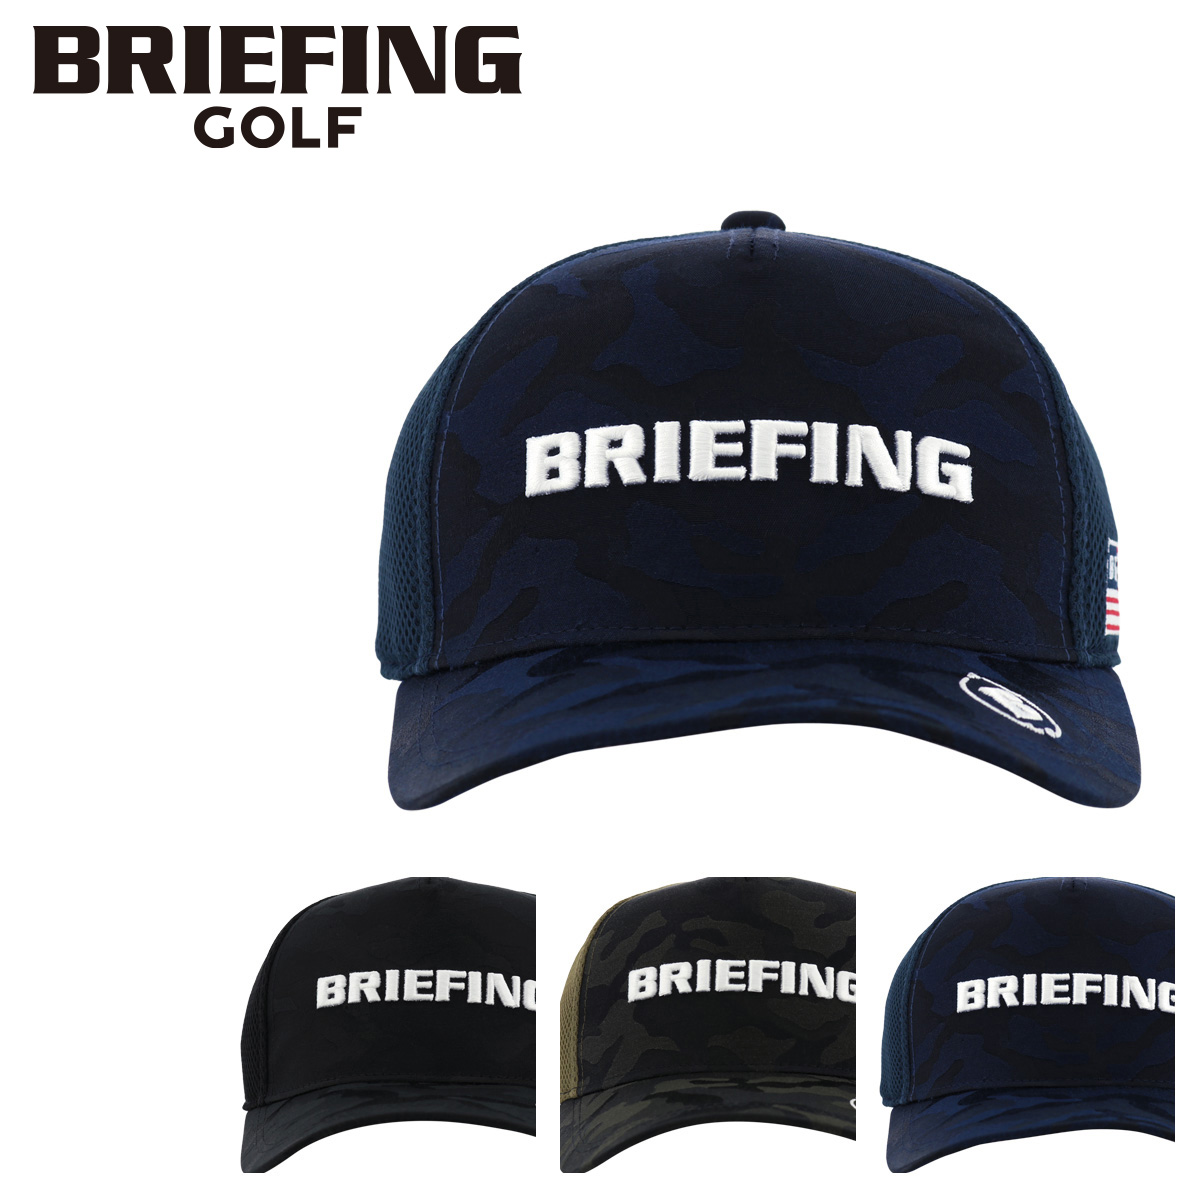 送料無料 あす楽 市販 ブリーフィング ゴルフ メッシュキャップ サイズ調整可能 メンズ BRG203M44 BRIEFING PO10 MESH CAMO 即日発送 新作 大人気 CAP MENS 帽子 bef